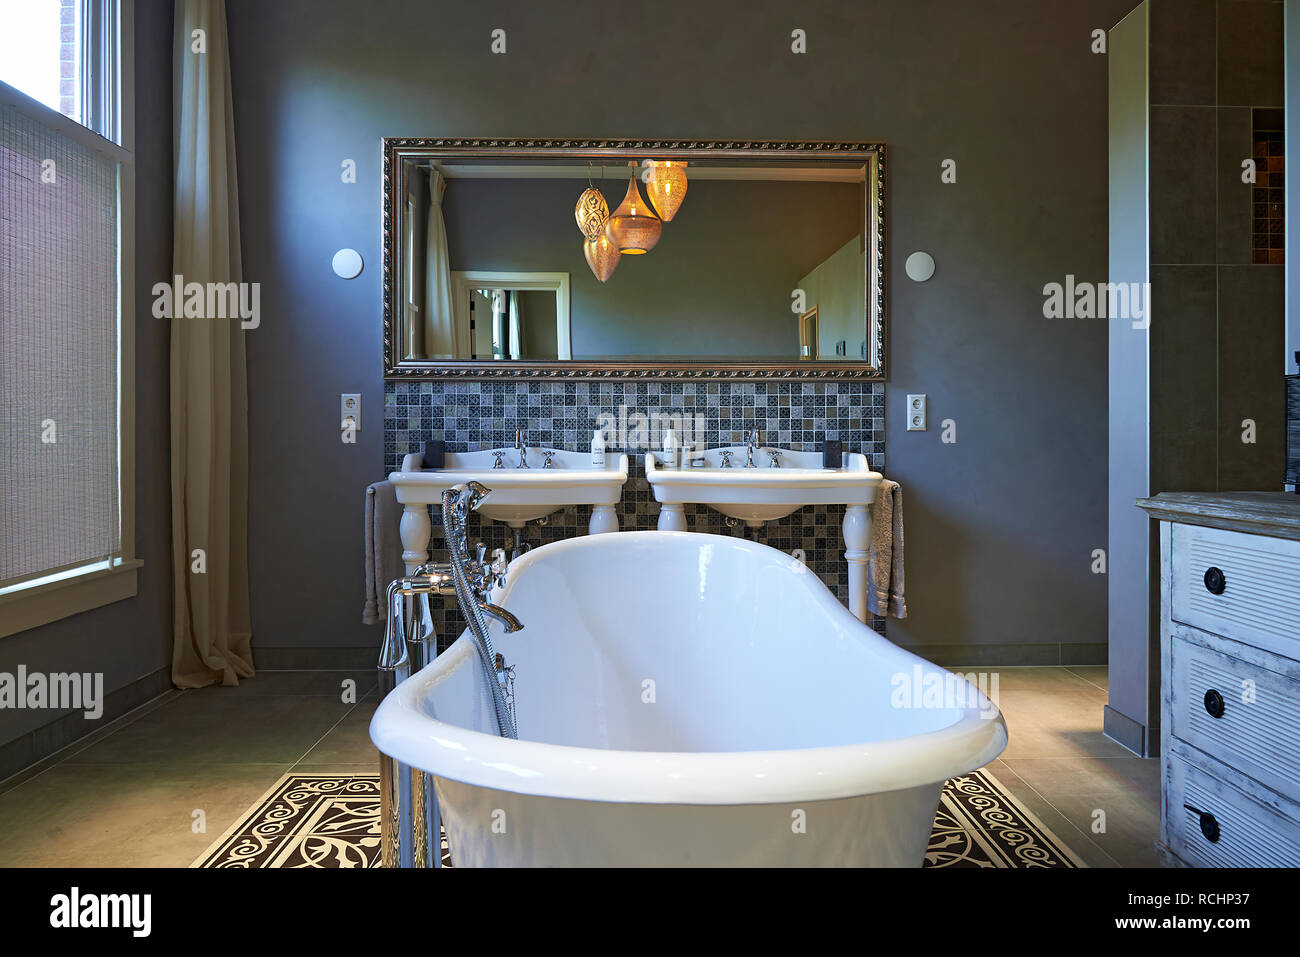 Incredibile free standing vasca da bagno in un bagno di design